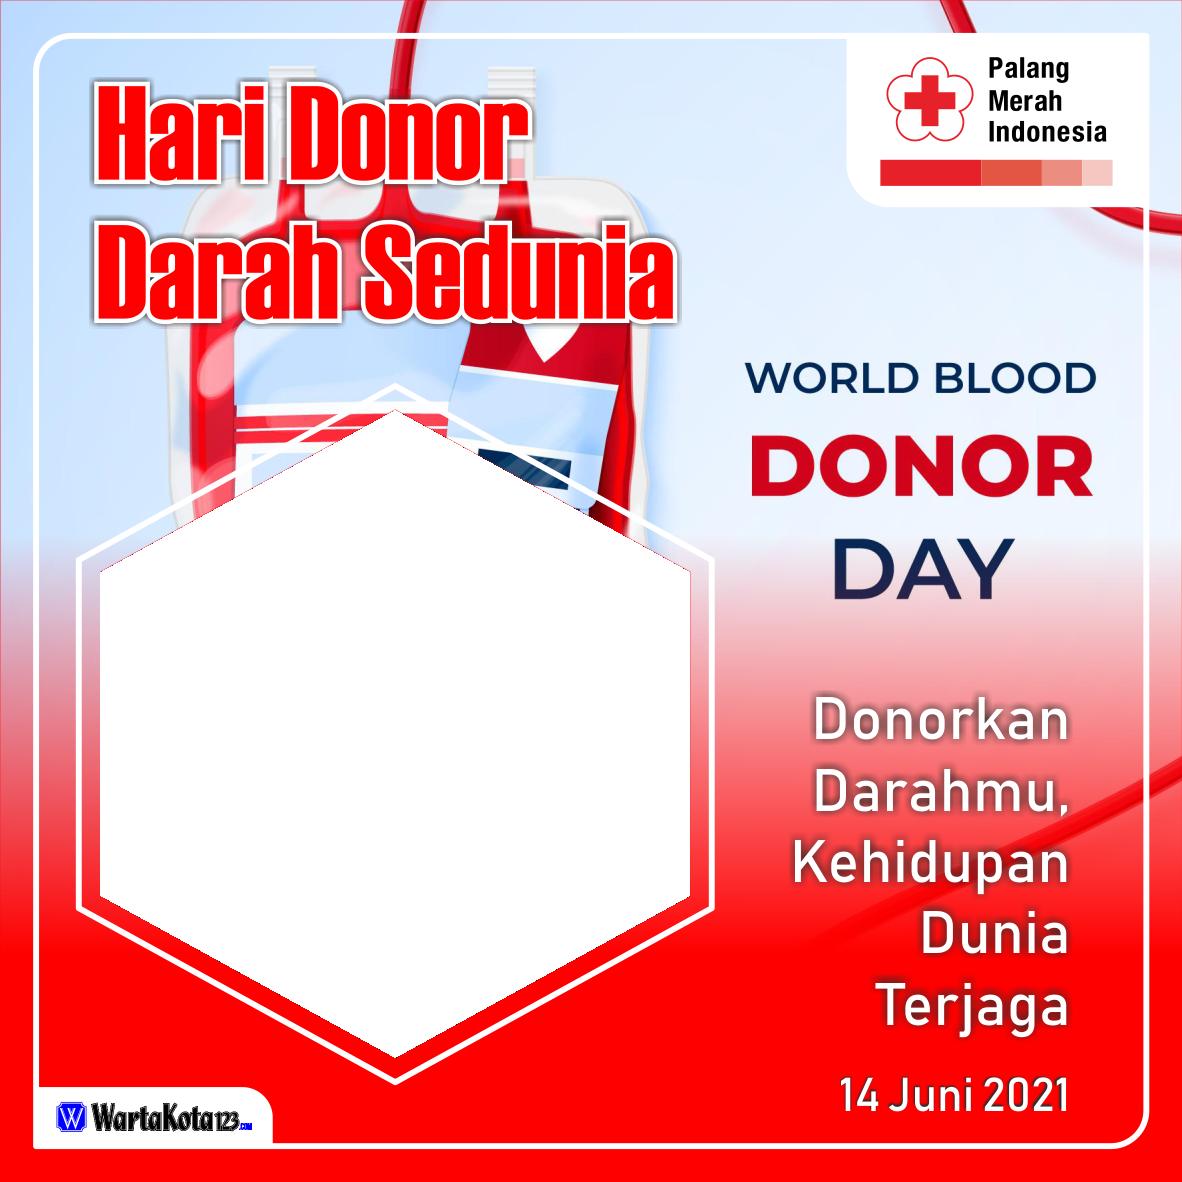 Twibbon Hari Donor Darah Sedunia 2021